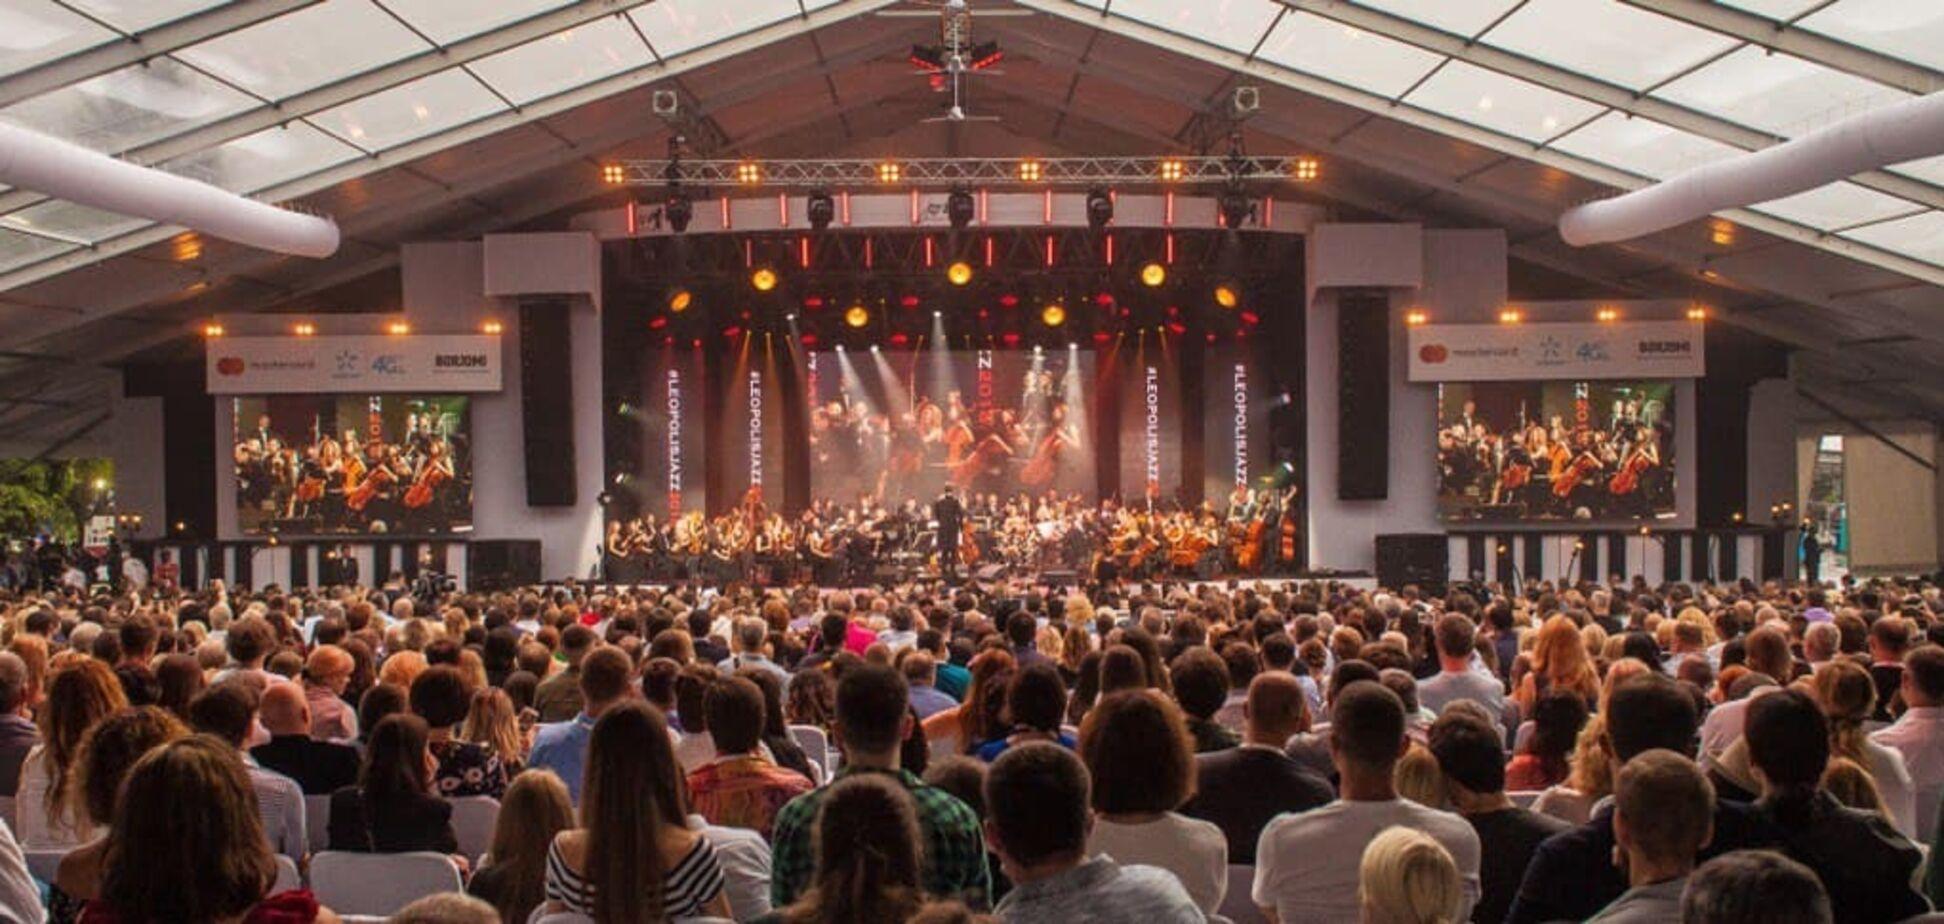 У Львові відбудеться Leopolis Jazz Fest: серед учасників SEAL та Вінтон Марсаліс